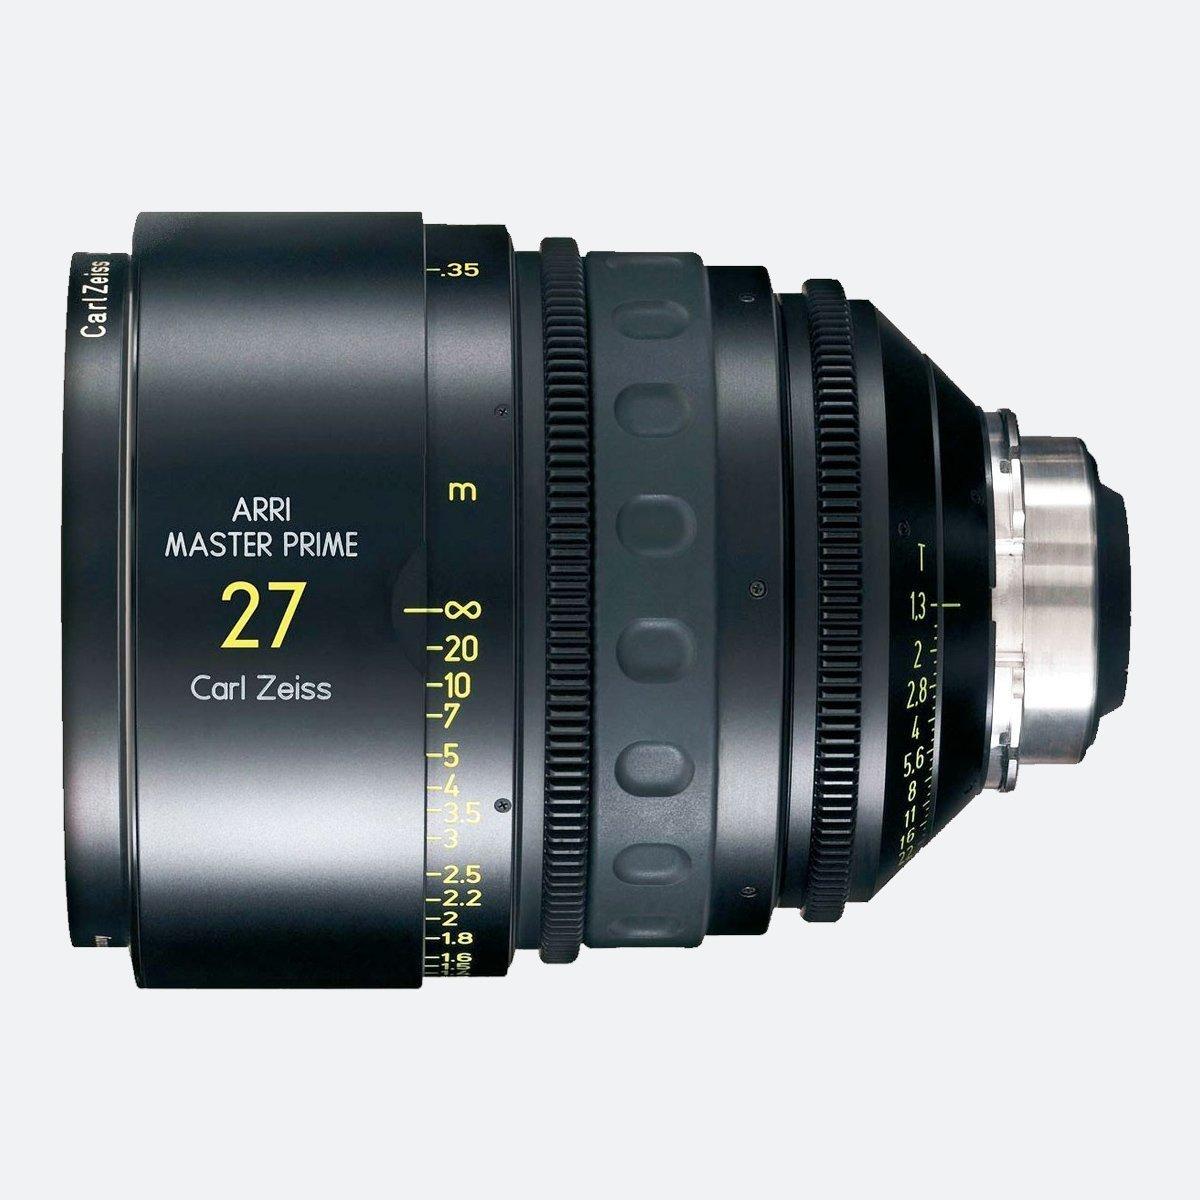 ARRI 27mm T1.3 Master Prime Lens